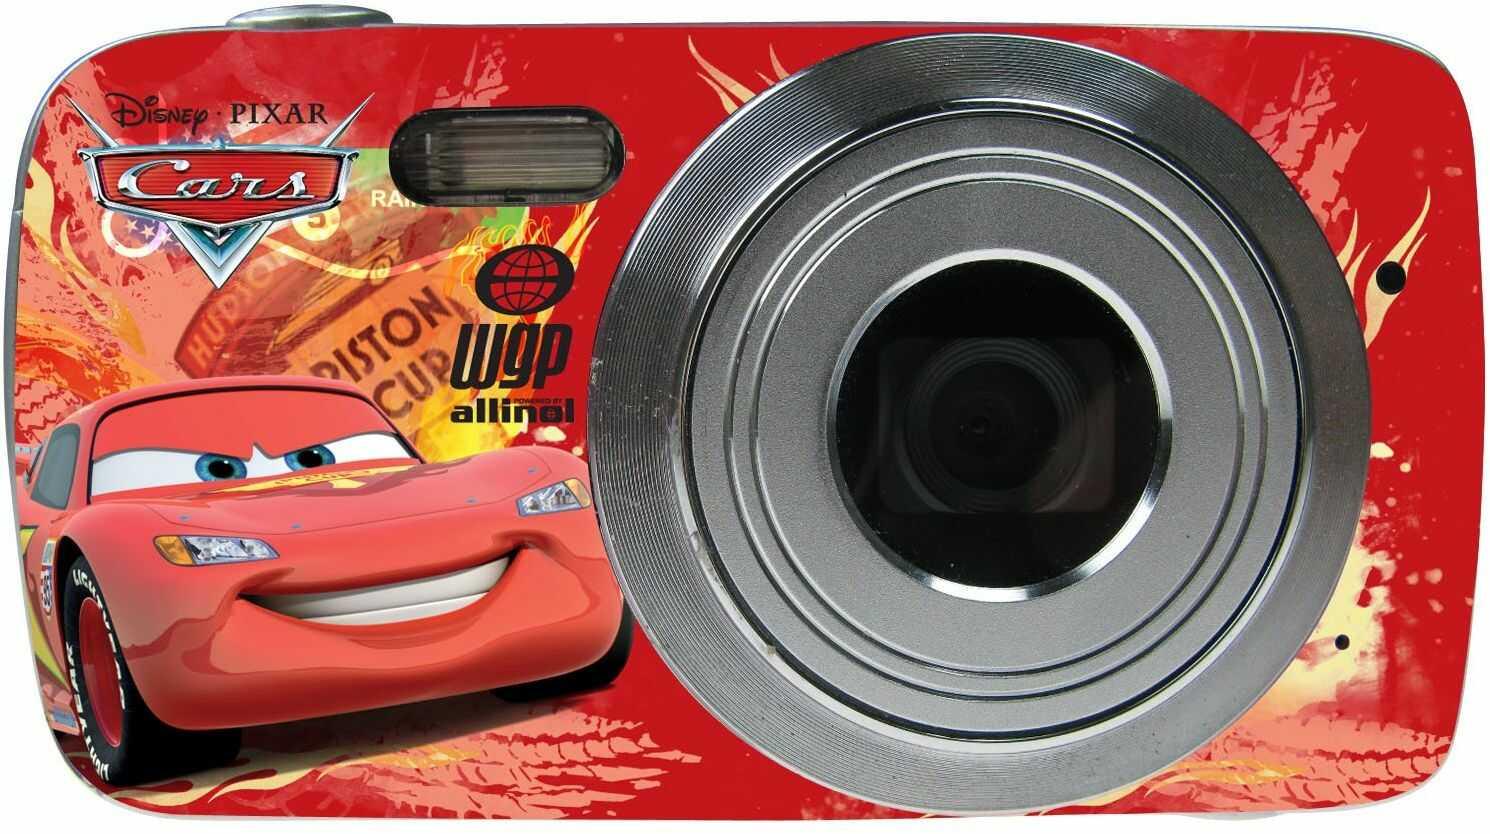 Lexibook DJ029DC Disney Cars aparat cyfrowy (8 megapikseli, wyświetlacz 4,6 cm (1,8 cala), 4-krotny zoom), czerwony